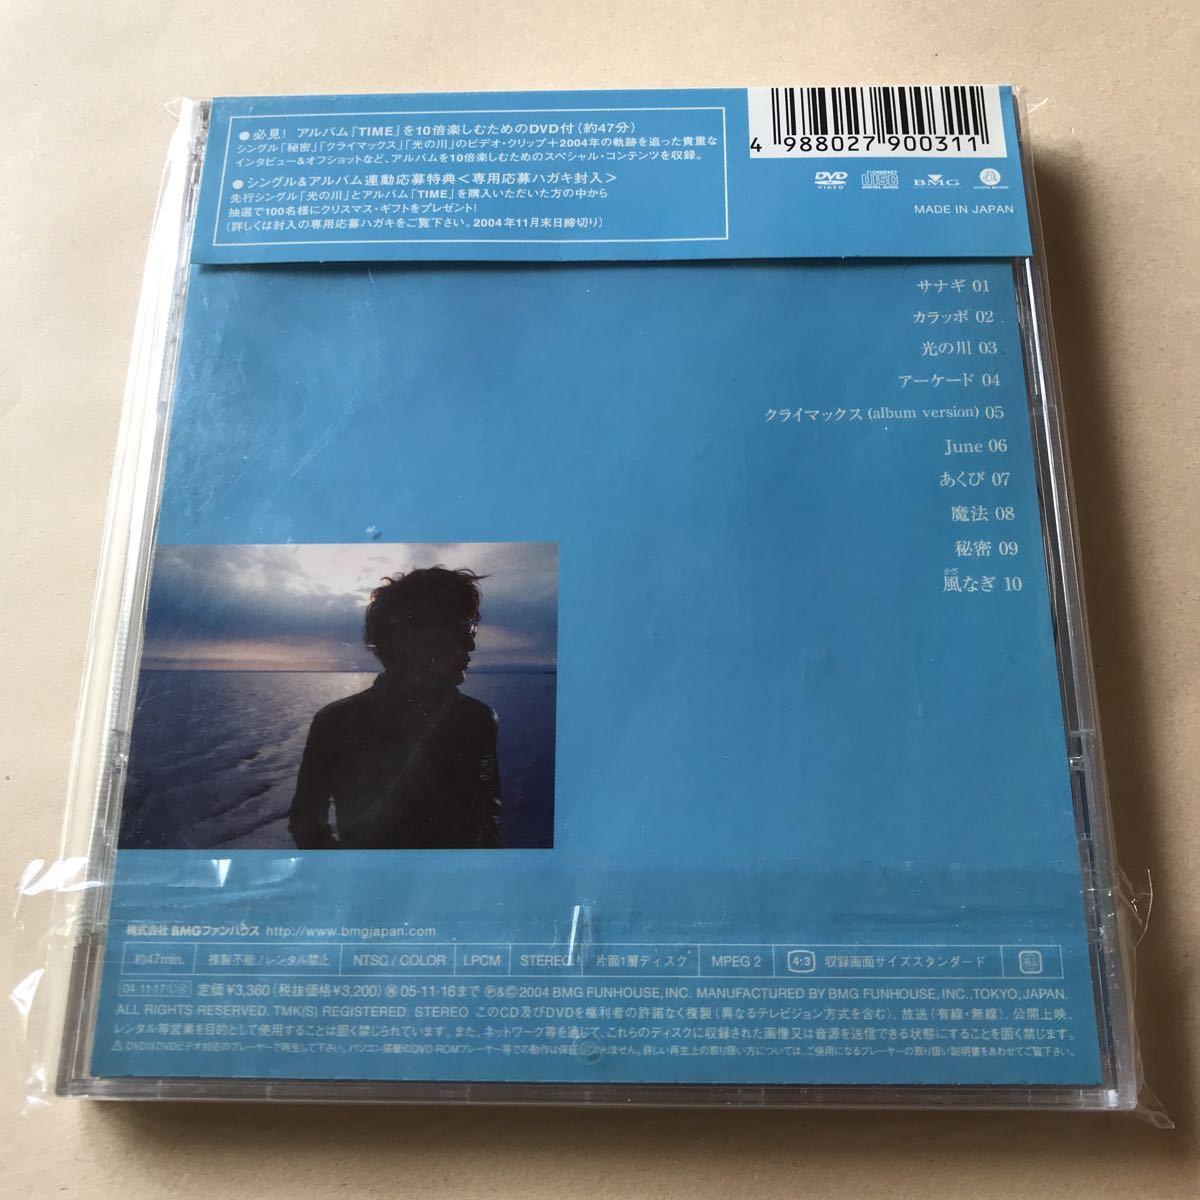 スガシカオ CD+DVD 2枚組「TIME」_画像2